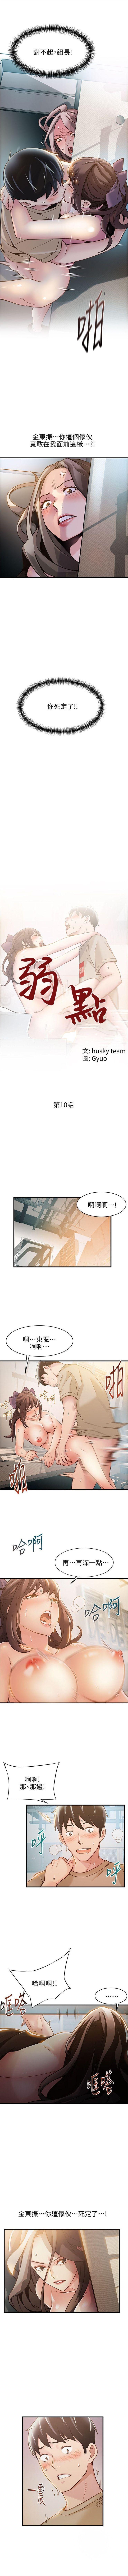 弱点 1-64 中文翻译(更新中) 60